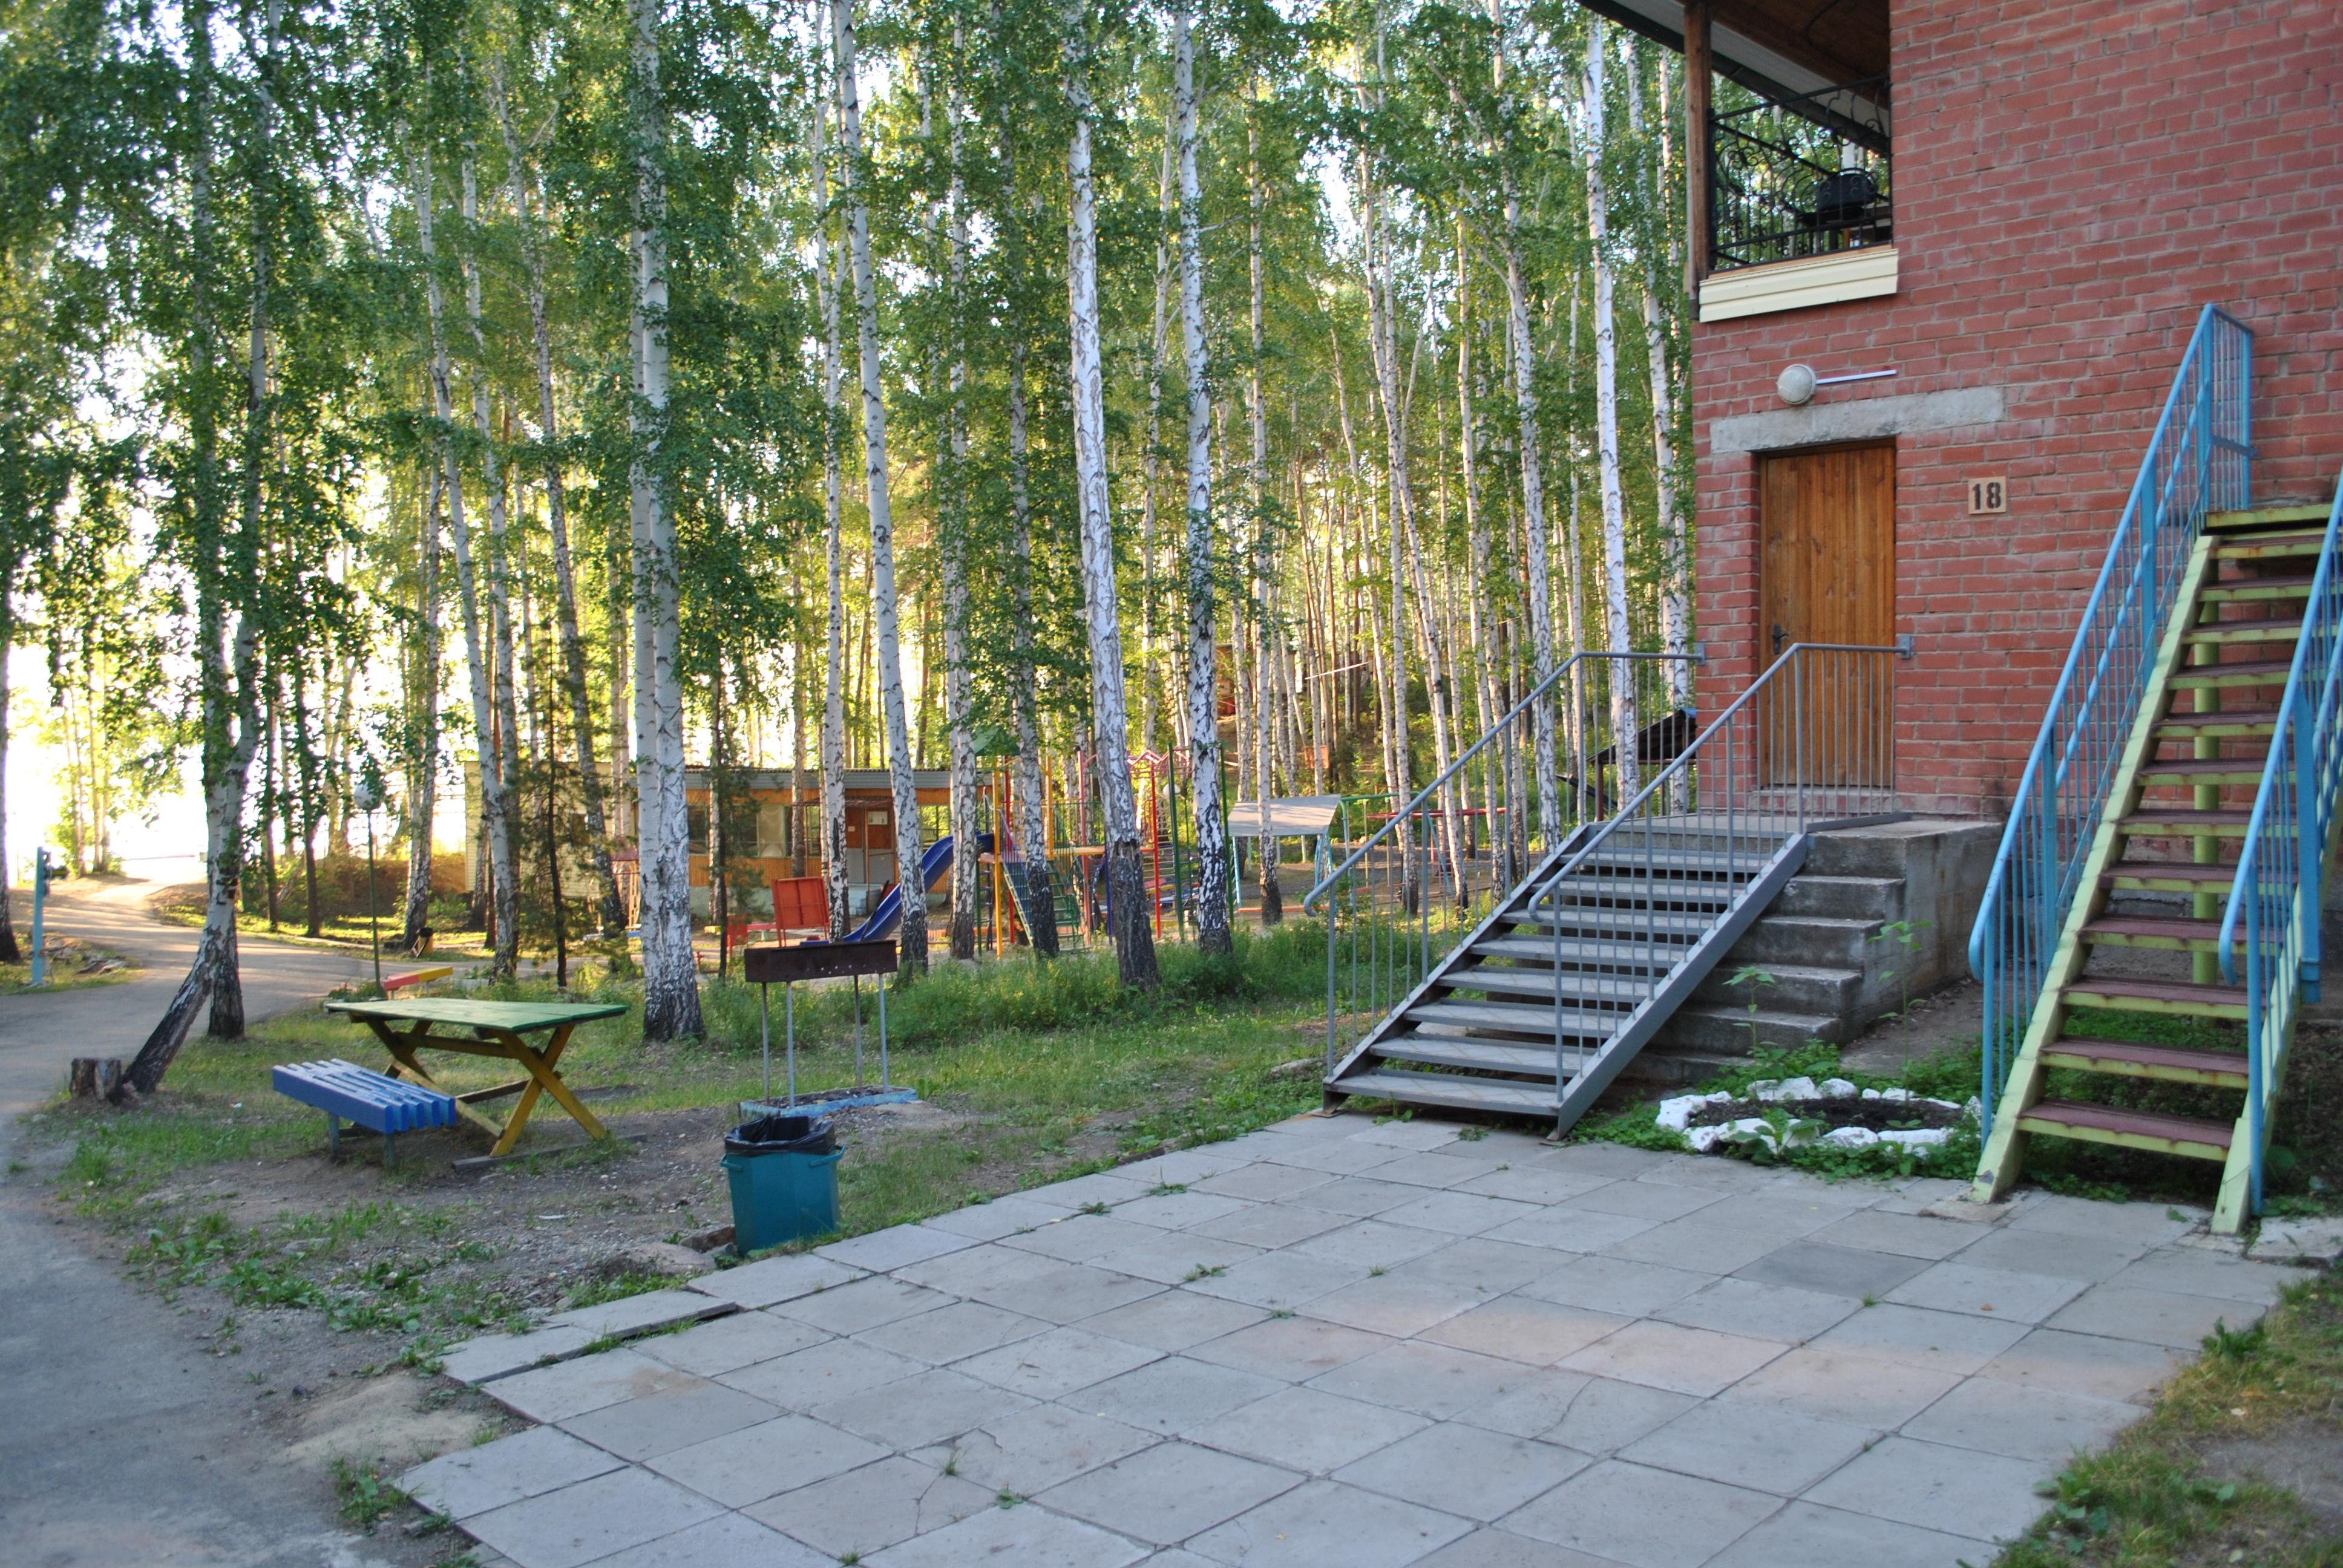 Корпус 18  с видом на детскую площадку